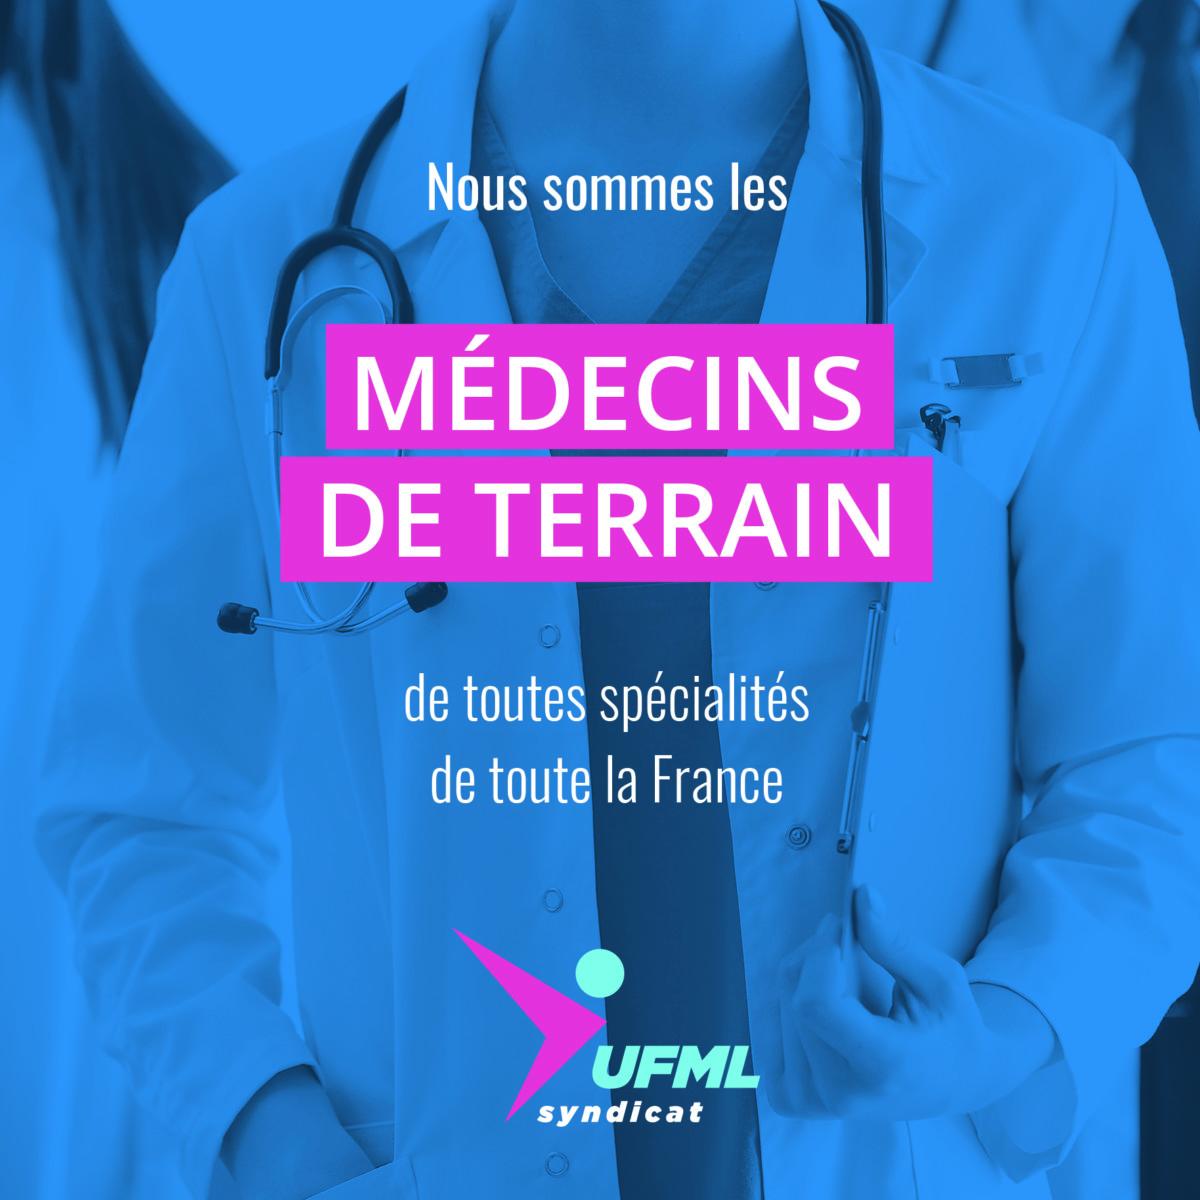 Médecins de terrain